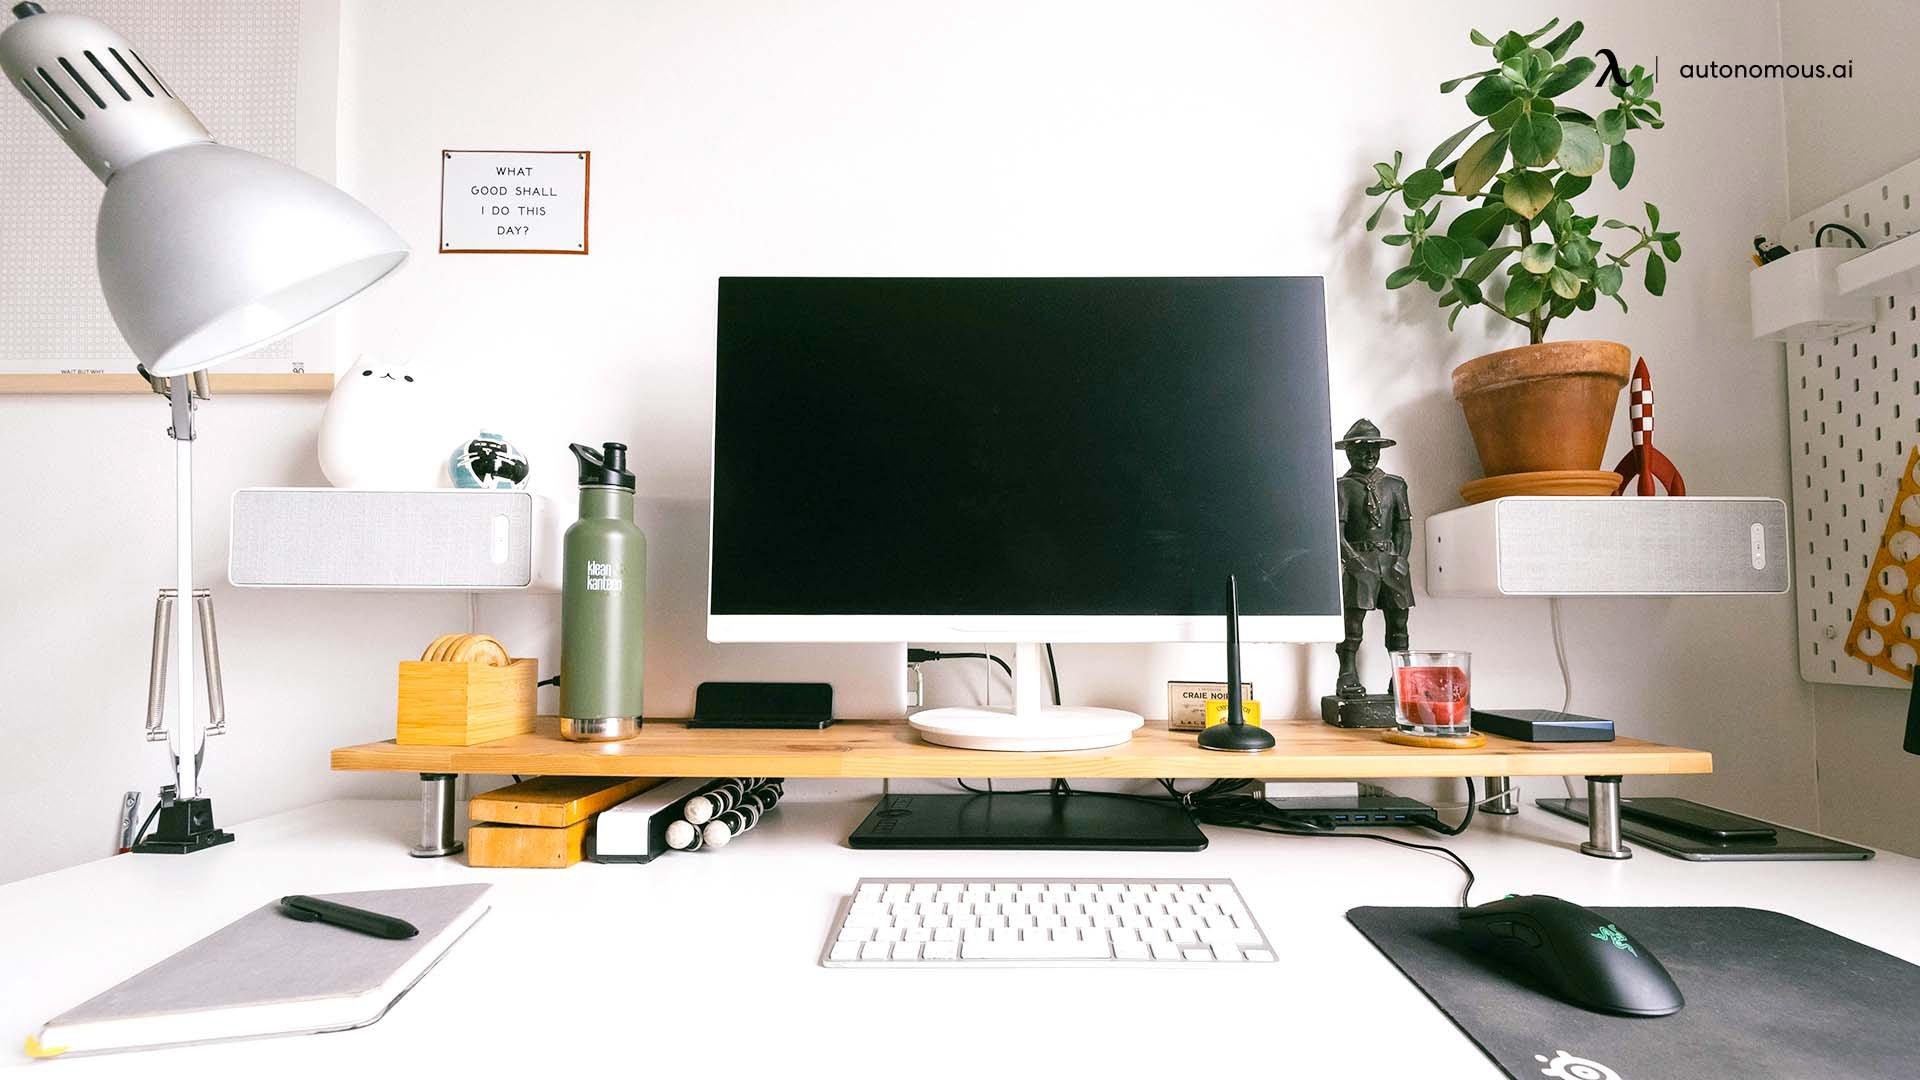 The Designer's All-White Minimal Desk Setup